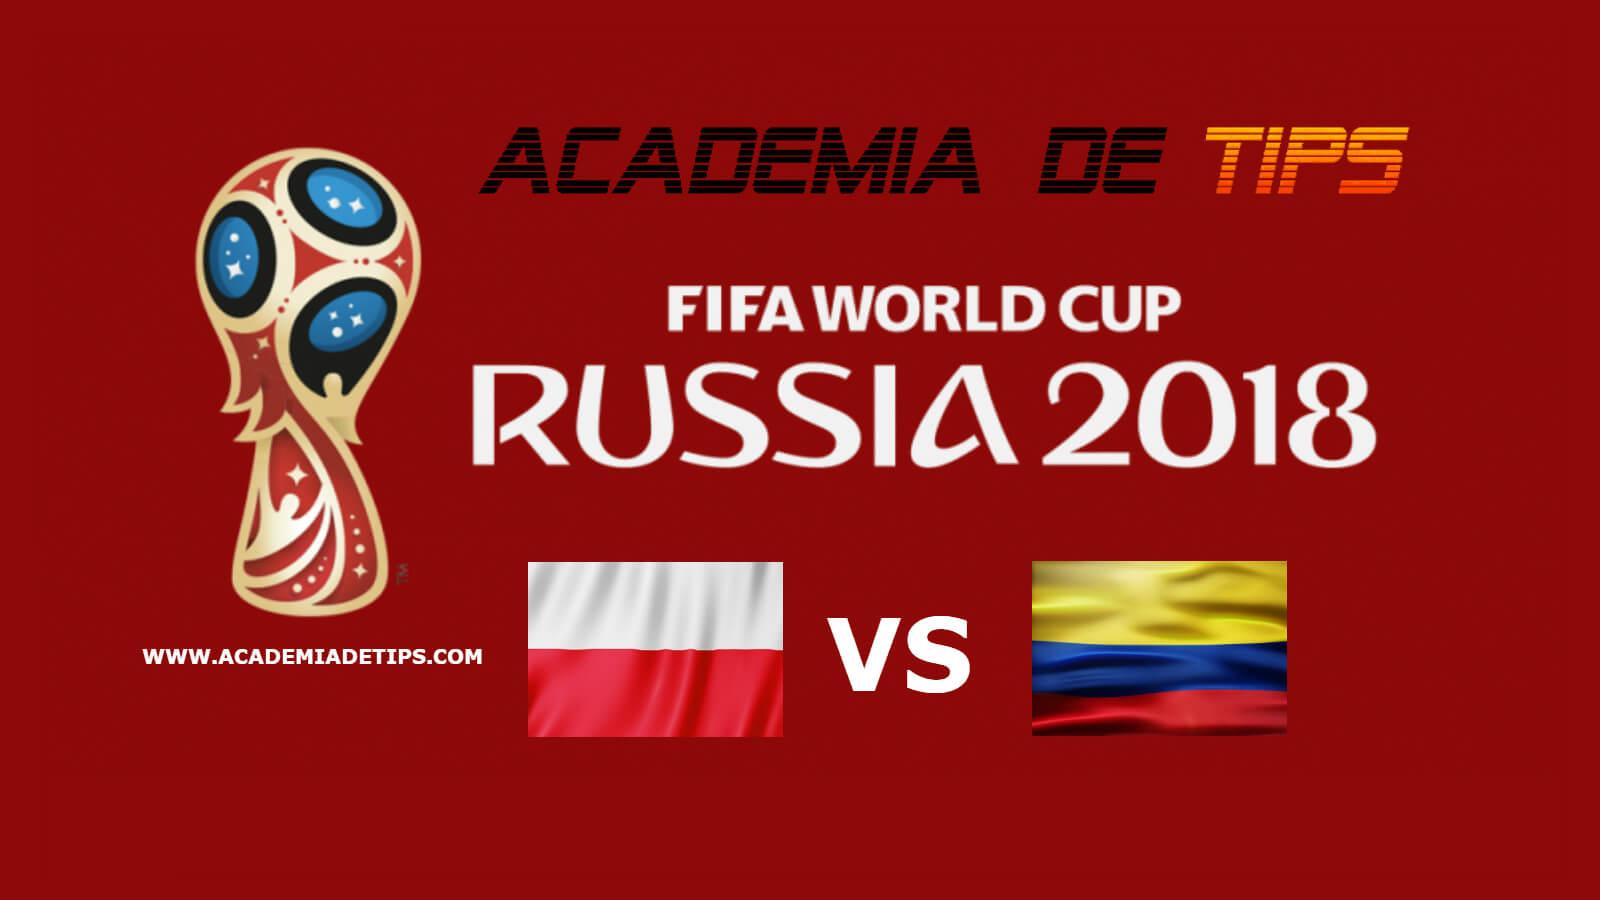 Prognóstico Polónia vs Colômbia - Mundial FIFA 2018 • Polónia e Colômbia partiam como favoritos para ocupar os primeiros dois lugares, neste grupo H.